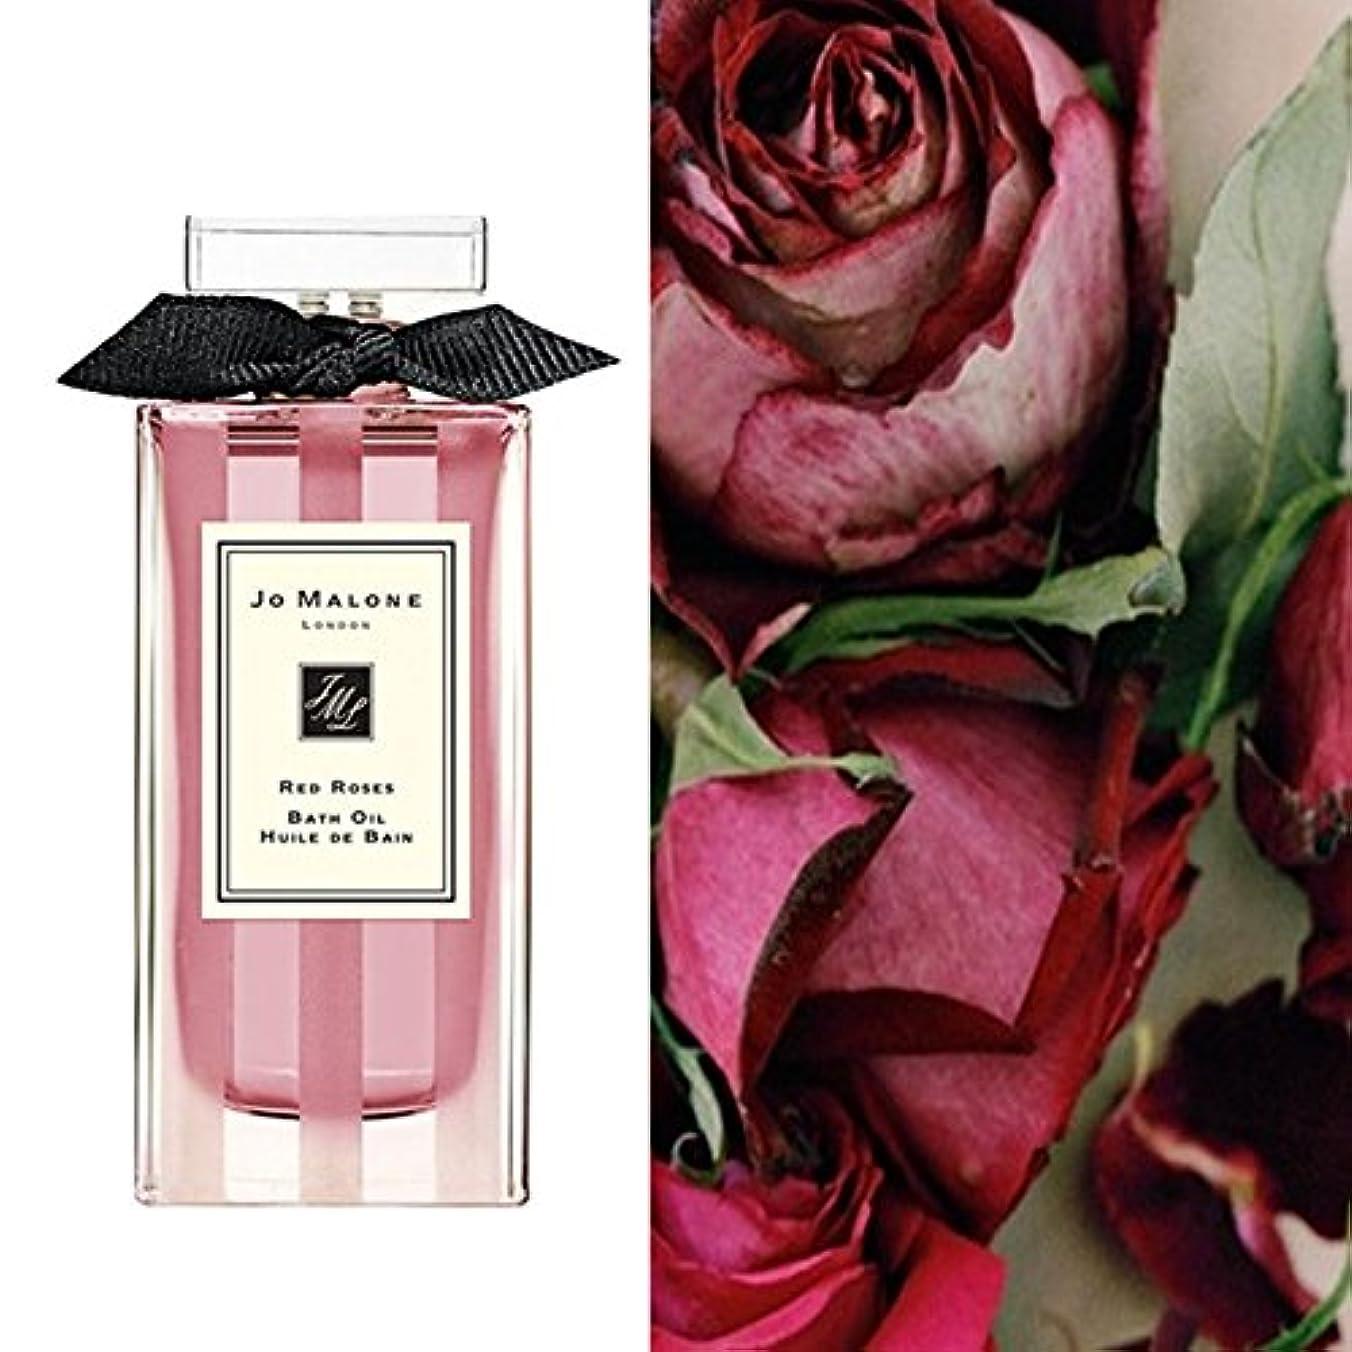 やがてハプニング散歩に行くJo Maloneジョーマローン, バスオイル - 赤いバラ (30ml) 'Red Roses' Bath Oil (1oz) [海外直送品] [並行輸入品]